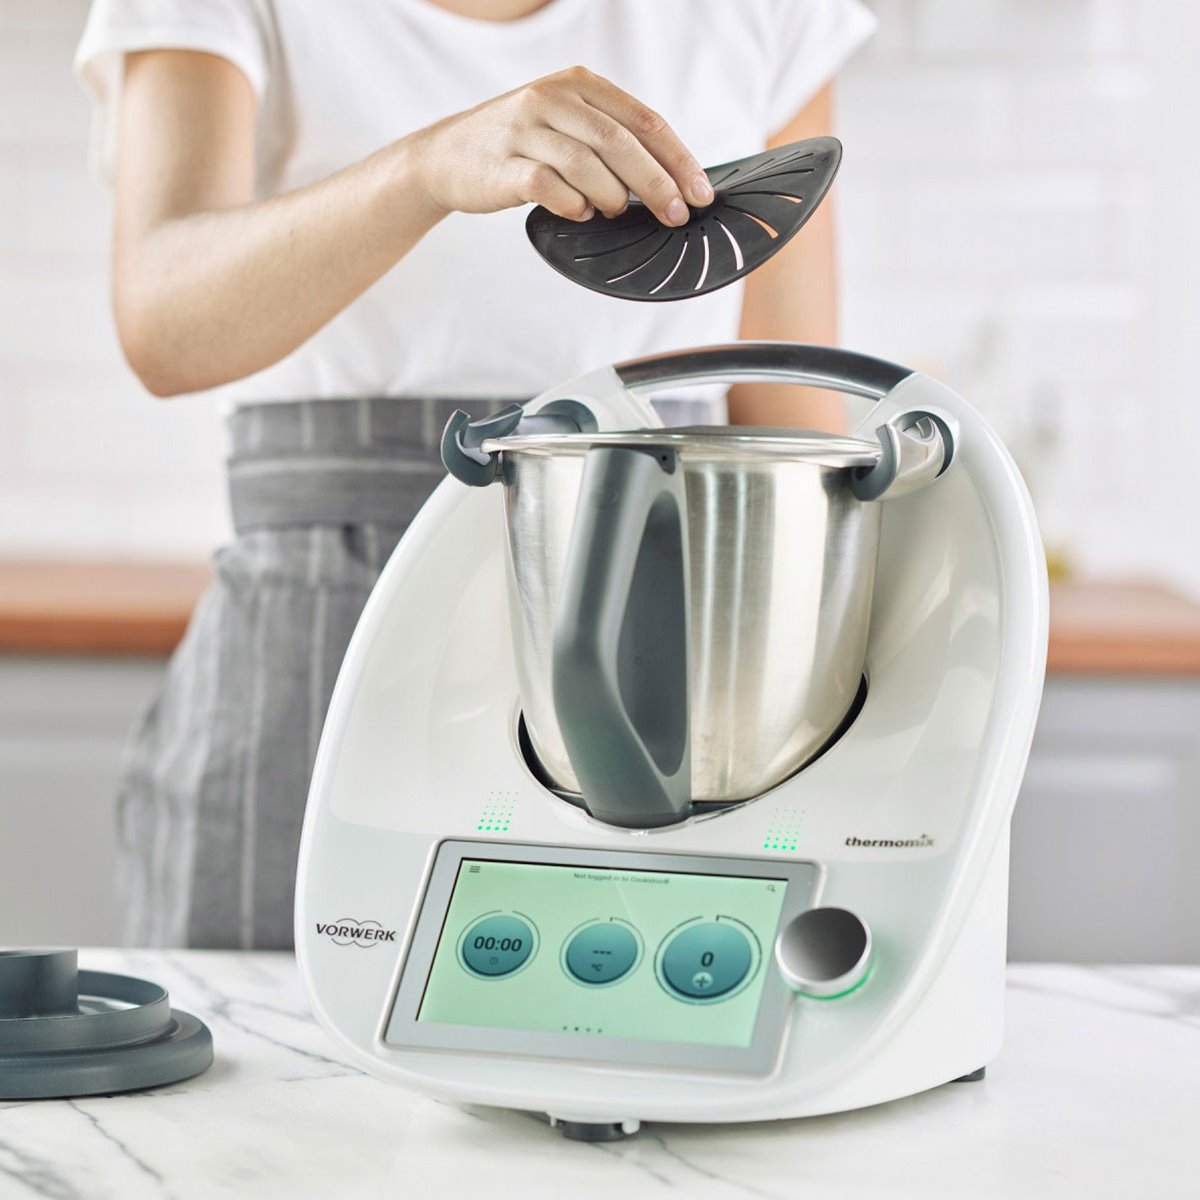 Robots de cocina. Thermomix